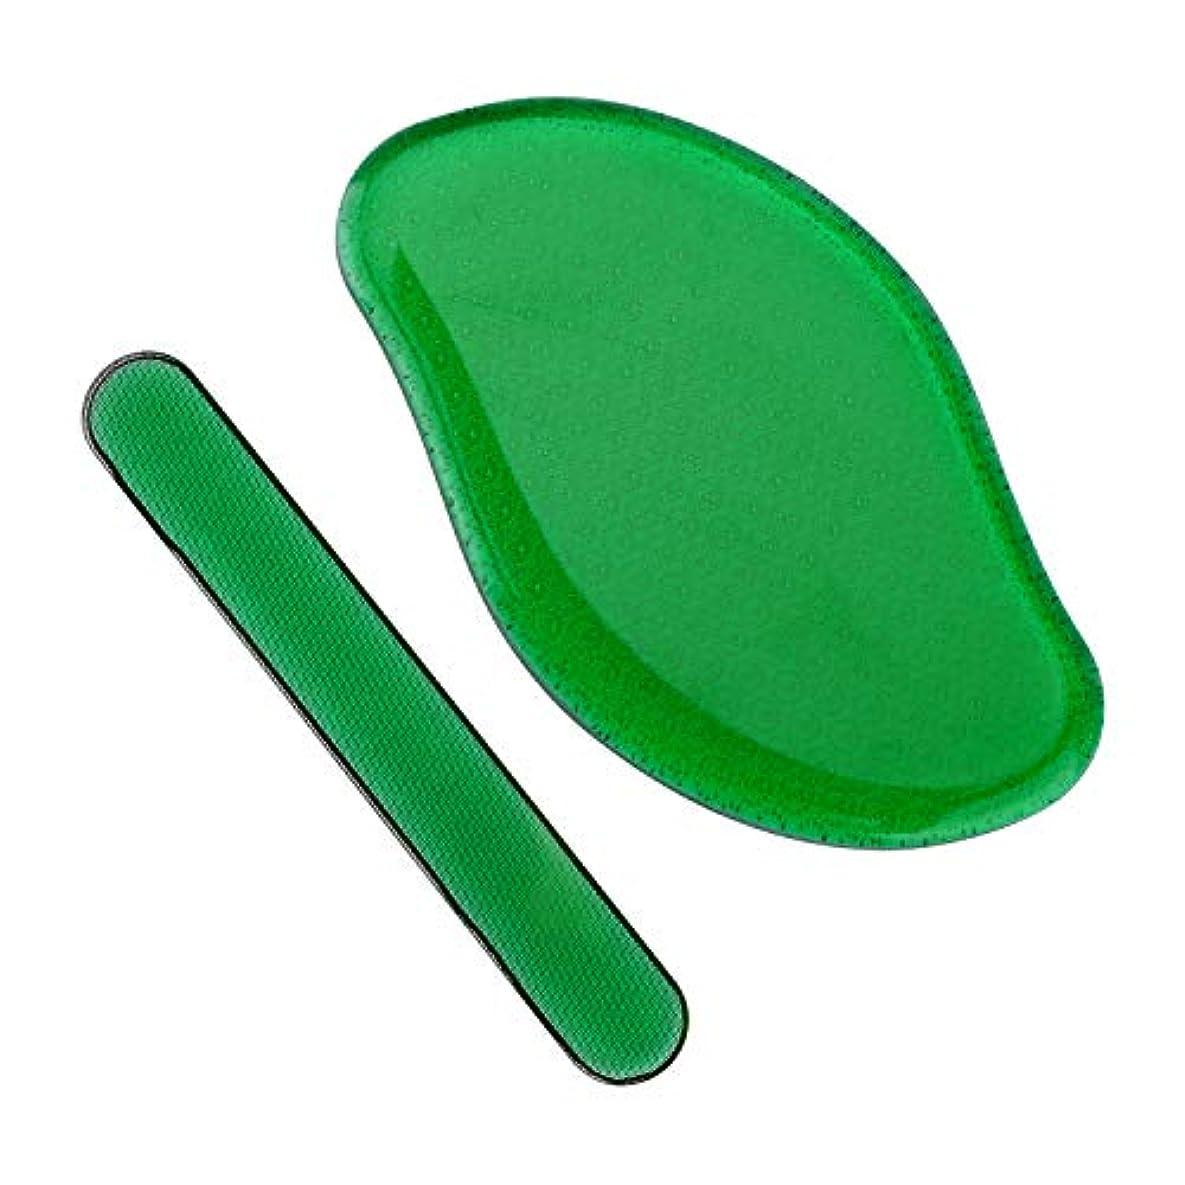 無条件手のひら変動するShinenail ガラス製 かかと 角質取り かかと削り ガラス 爪磨き付き かかとやすり かかと磨き 角質除去 足 角質ケア ヤスリ 足裏 踵 フットケア 丸洗いOK 爪磨き付き